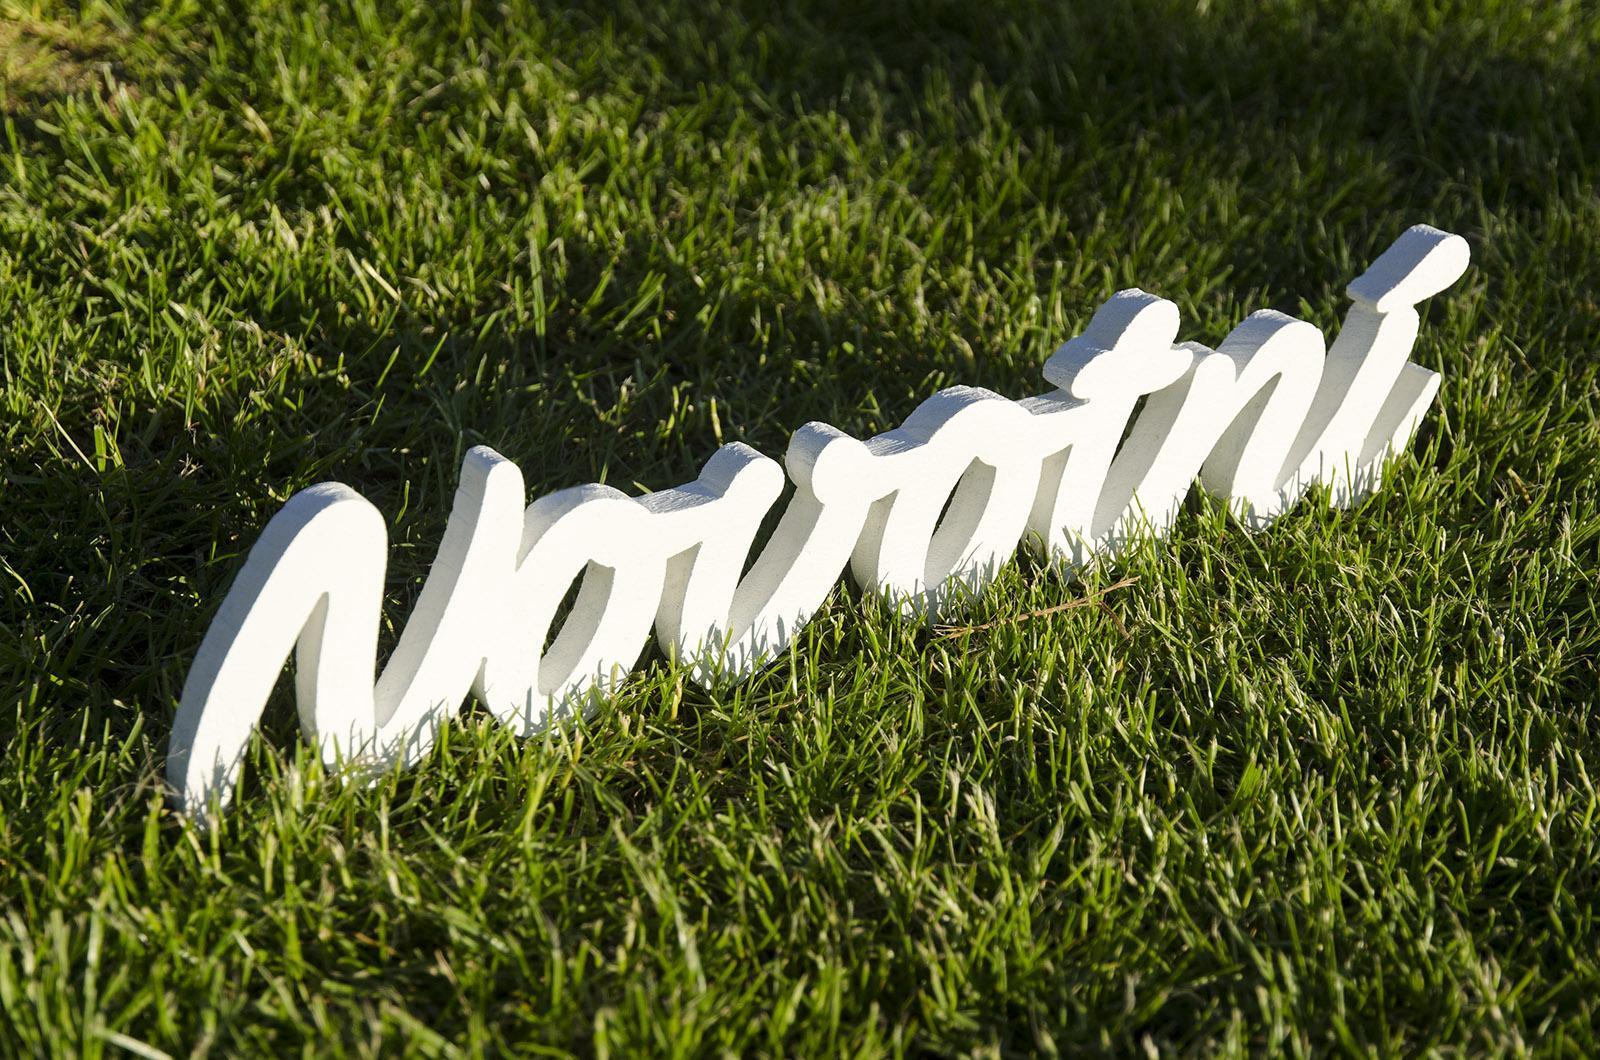 Moje práce - weddart - Dřevěné jméno